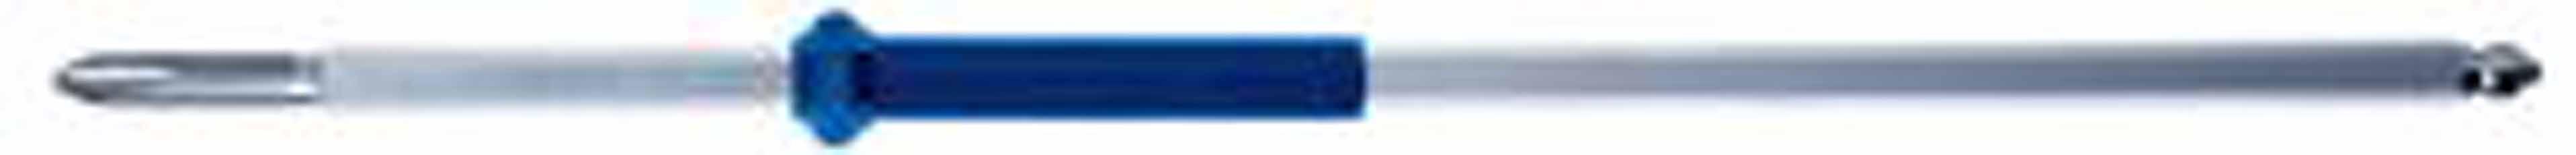 Zeskantstiftsleutel PH1 WIHA 26058